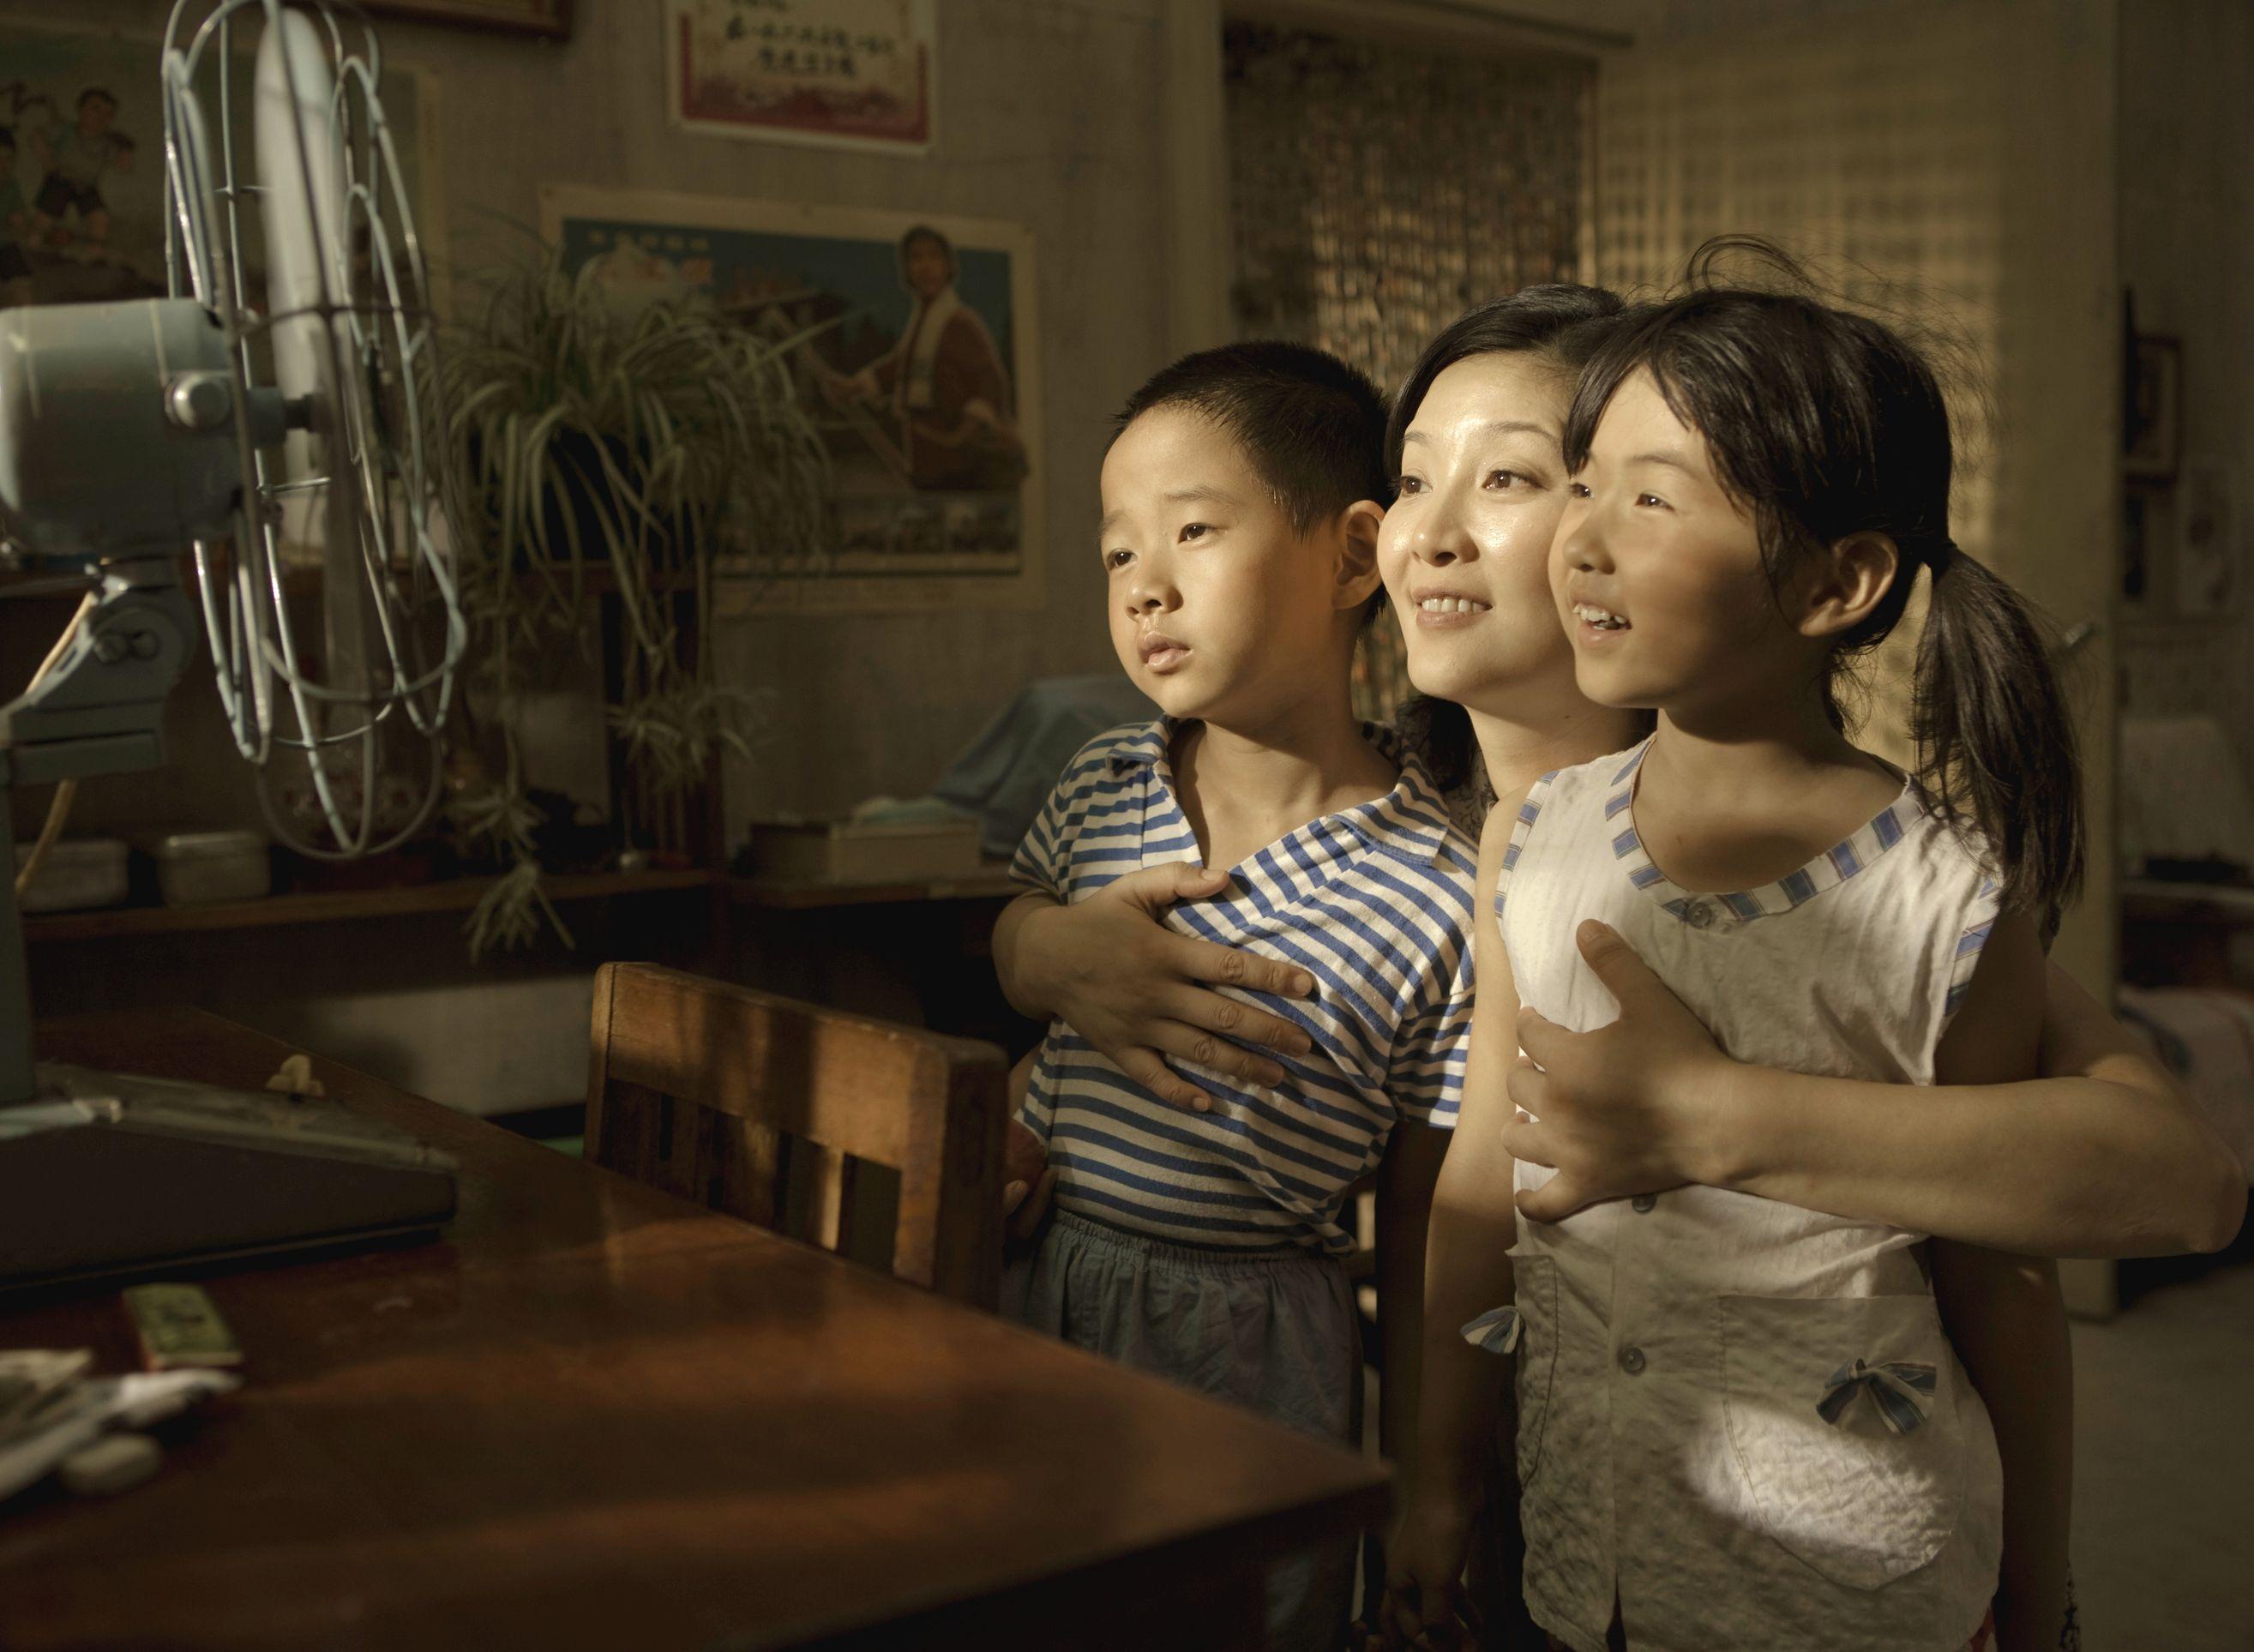 「唐山大地震」メイン画像